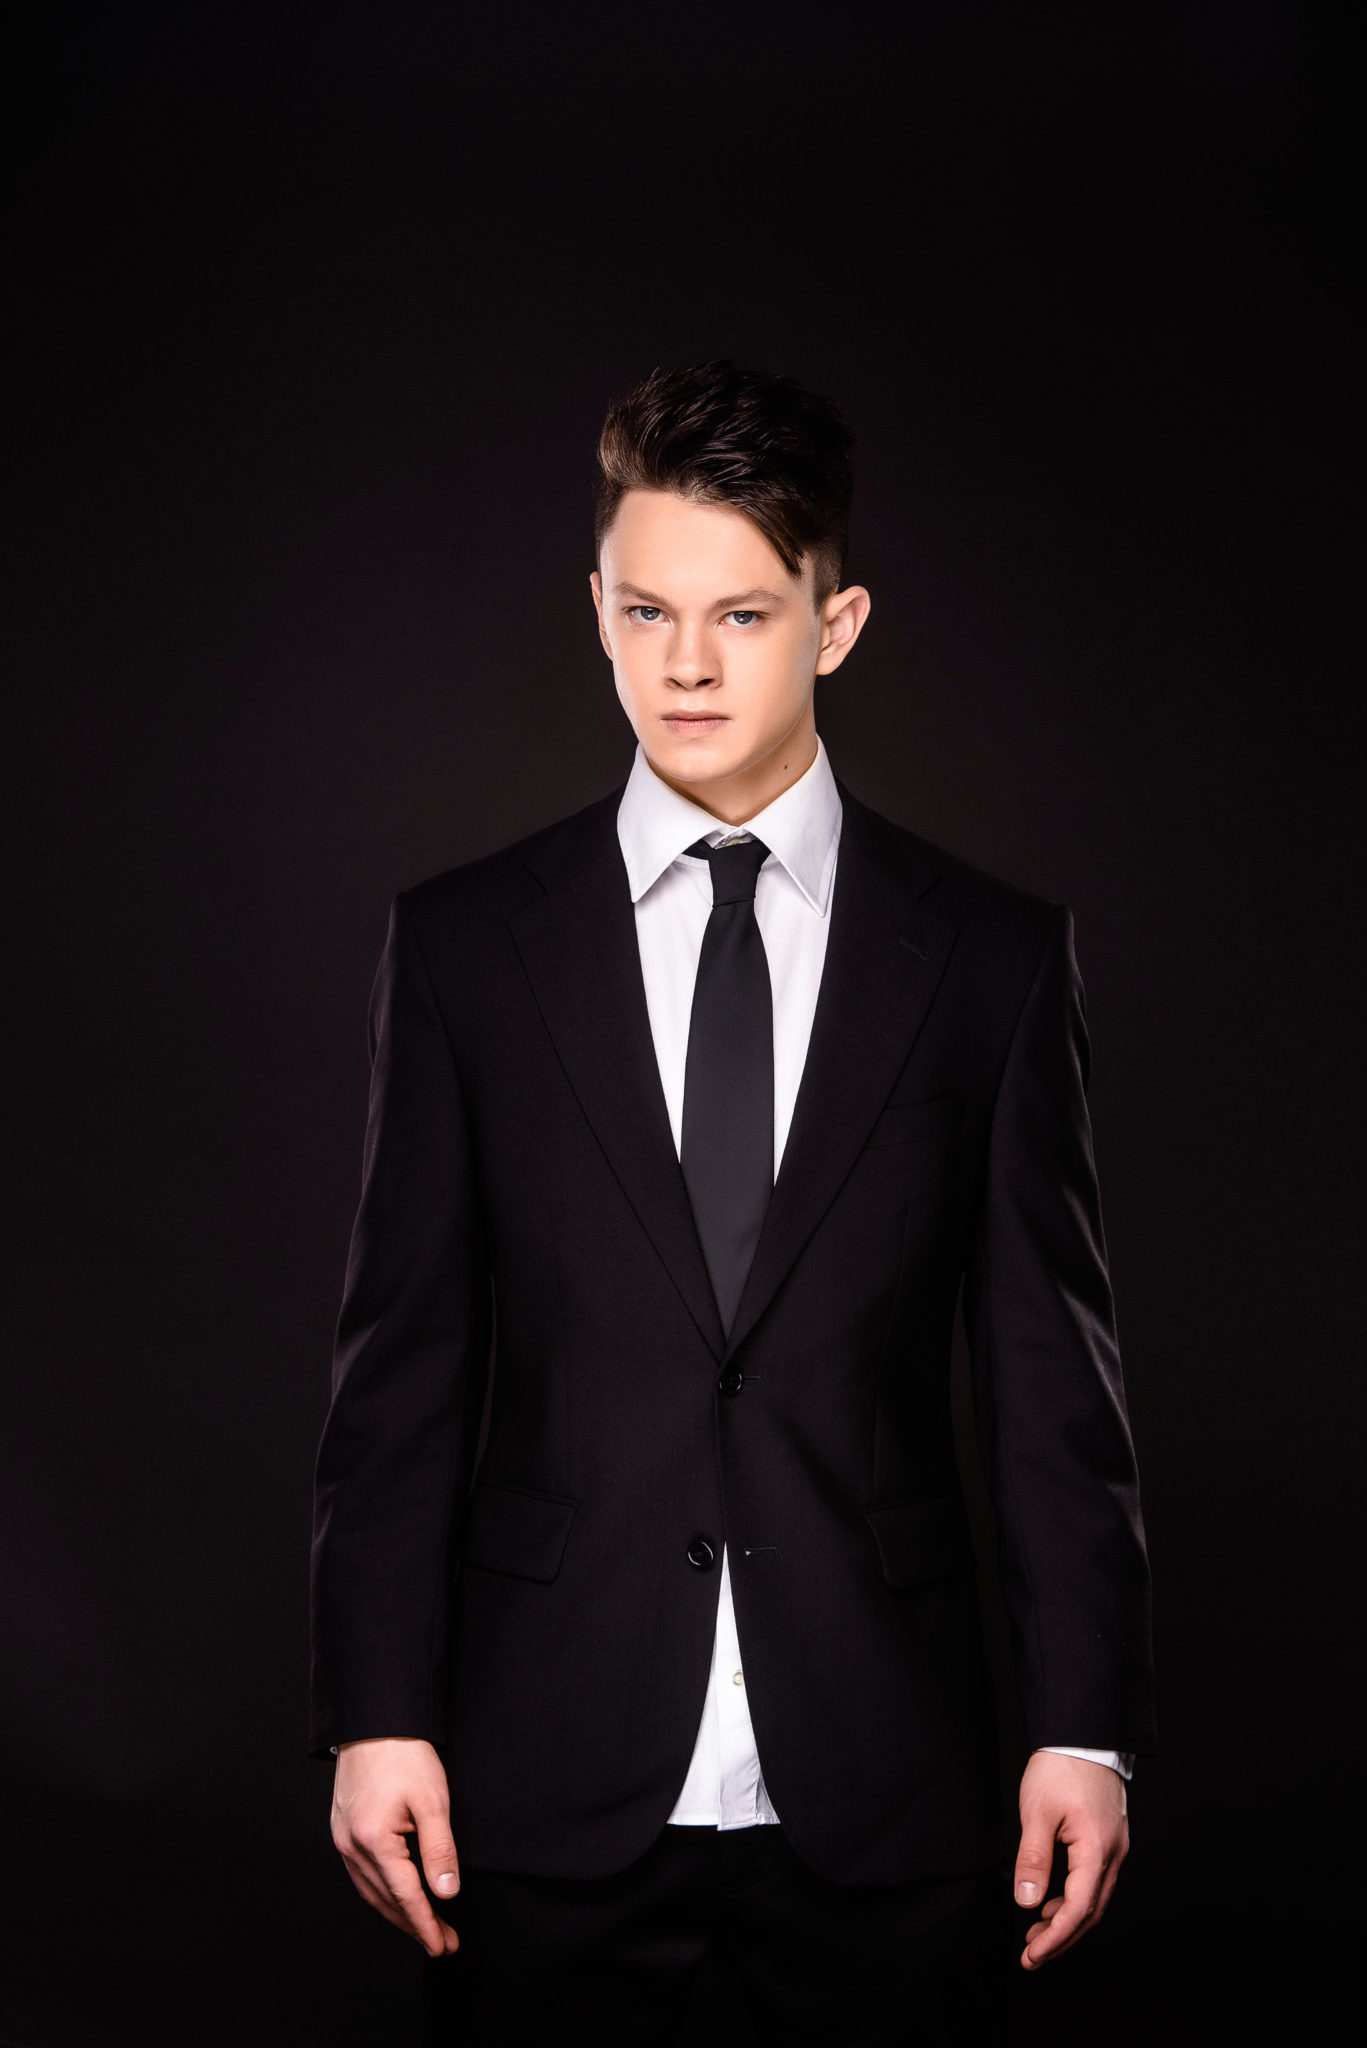 Мужская фотосессия в студии, ph Постникова, парень в костюме и галстуке на черном фоне, цветная фотография